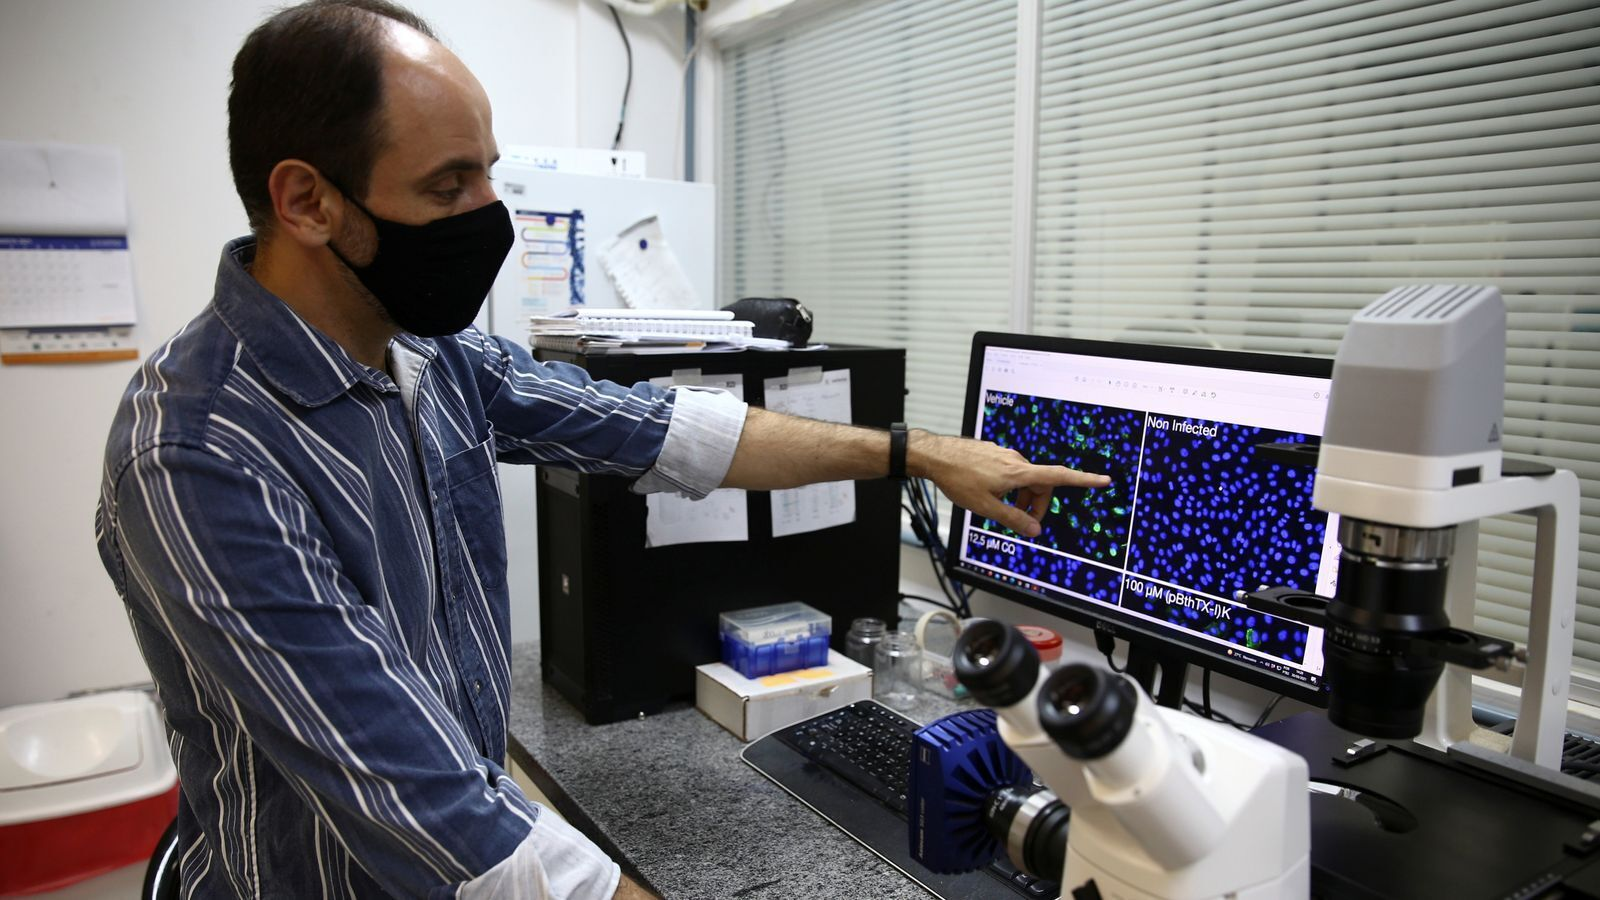 Дослідник працює над зразком у лабораторії Інституту фізики Університету Сан-Паулу